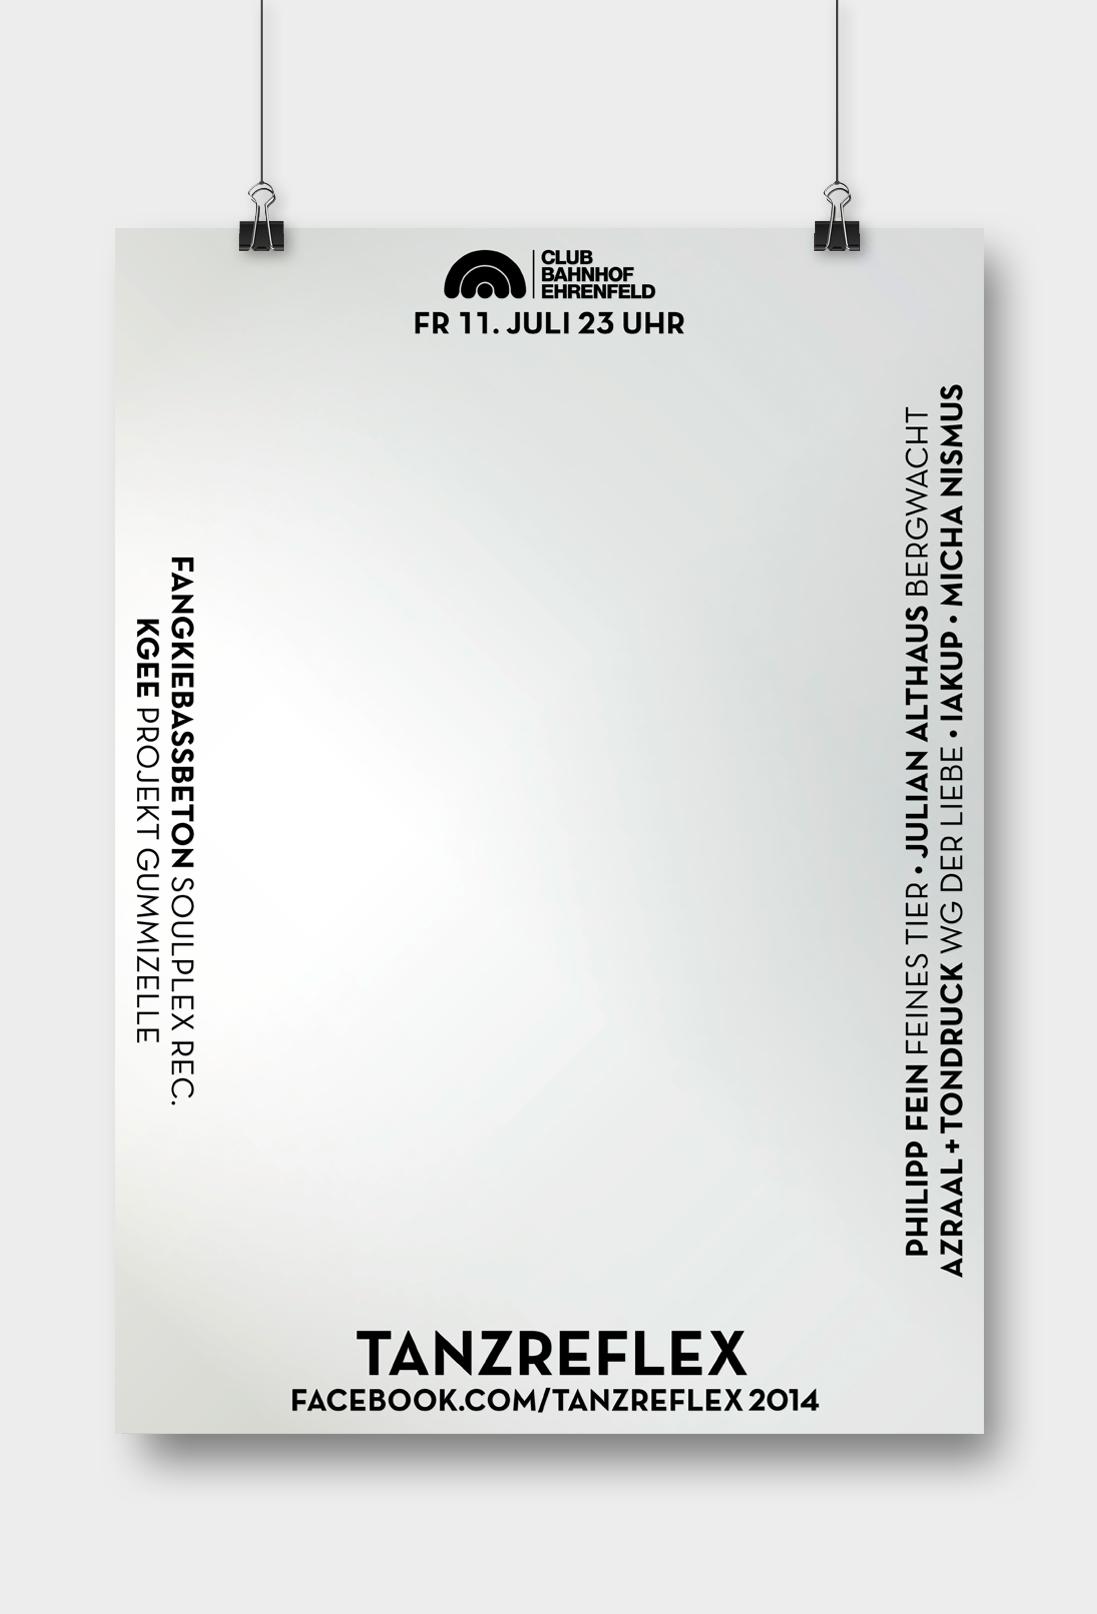 Tanzreflex Party 2014